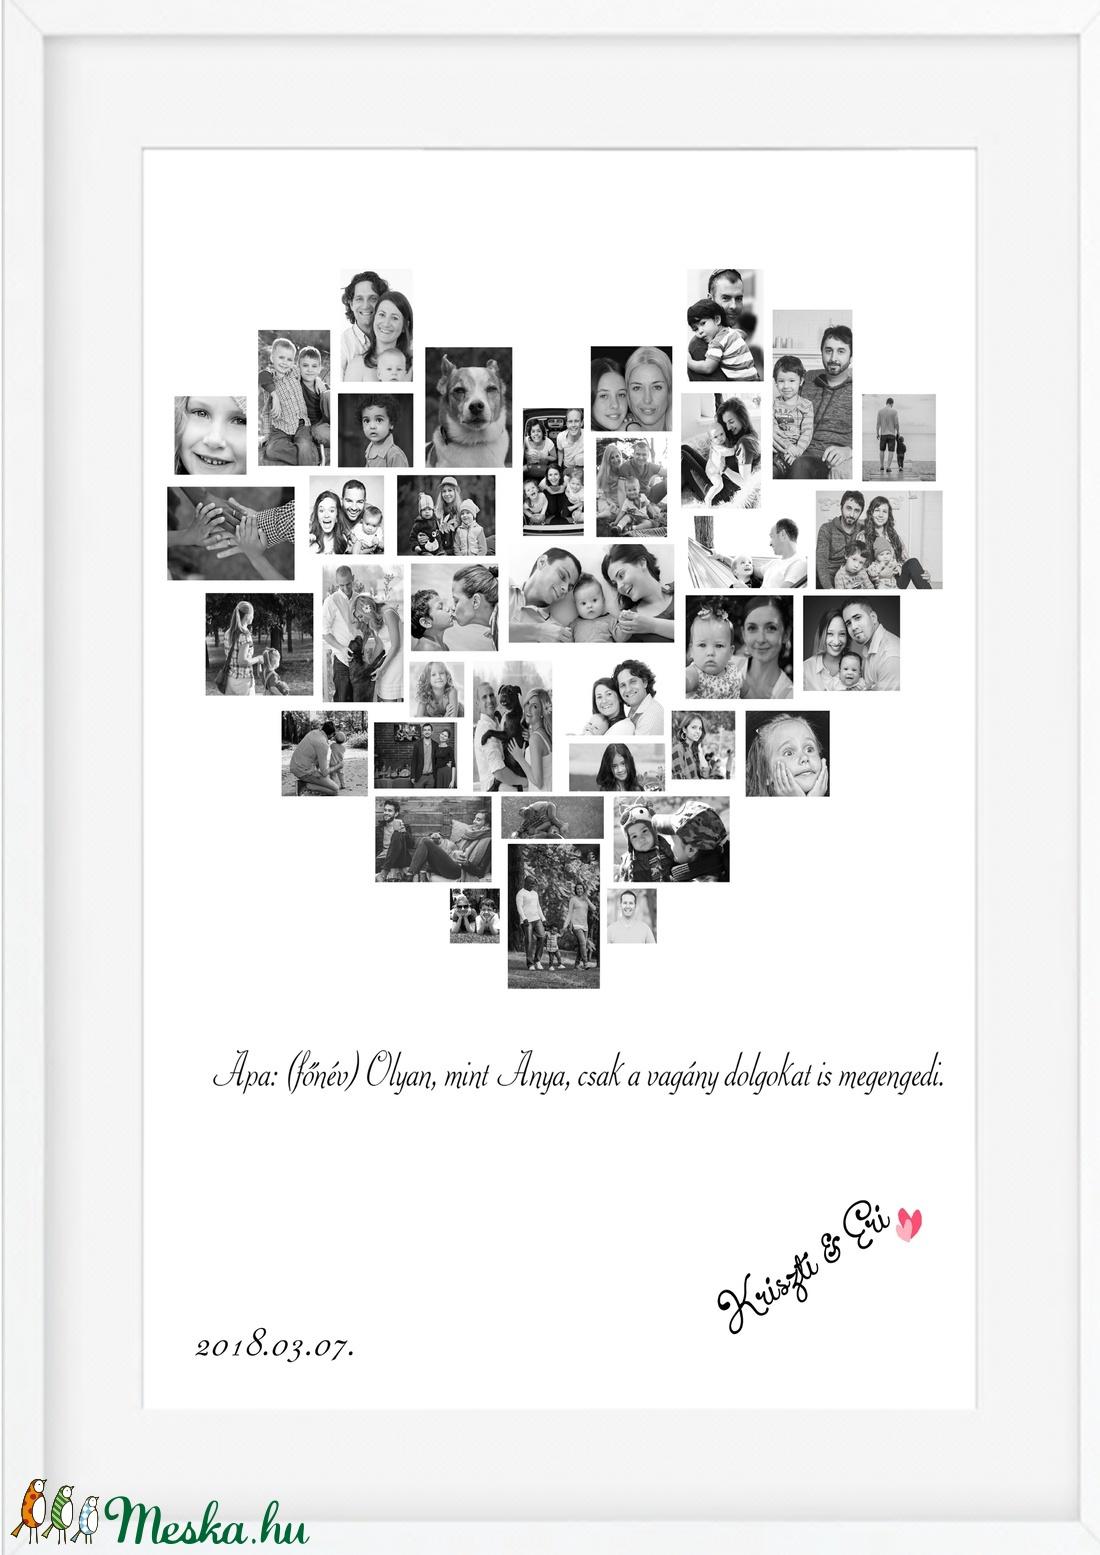 apák napja szülinapi poszter A3-as print egyedi fényképes kép fotó poszter  montázs örökkön örökké névtábla házszámtábla e9a1d54768